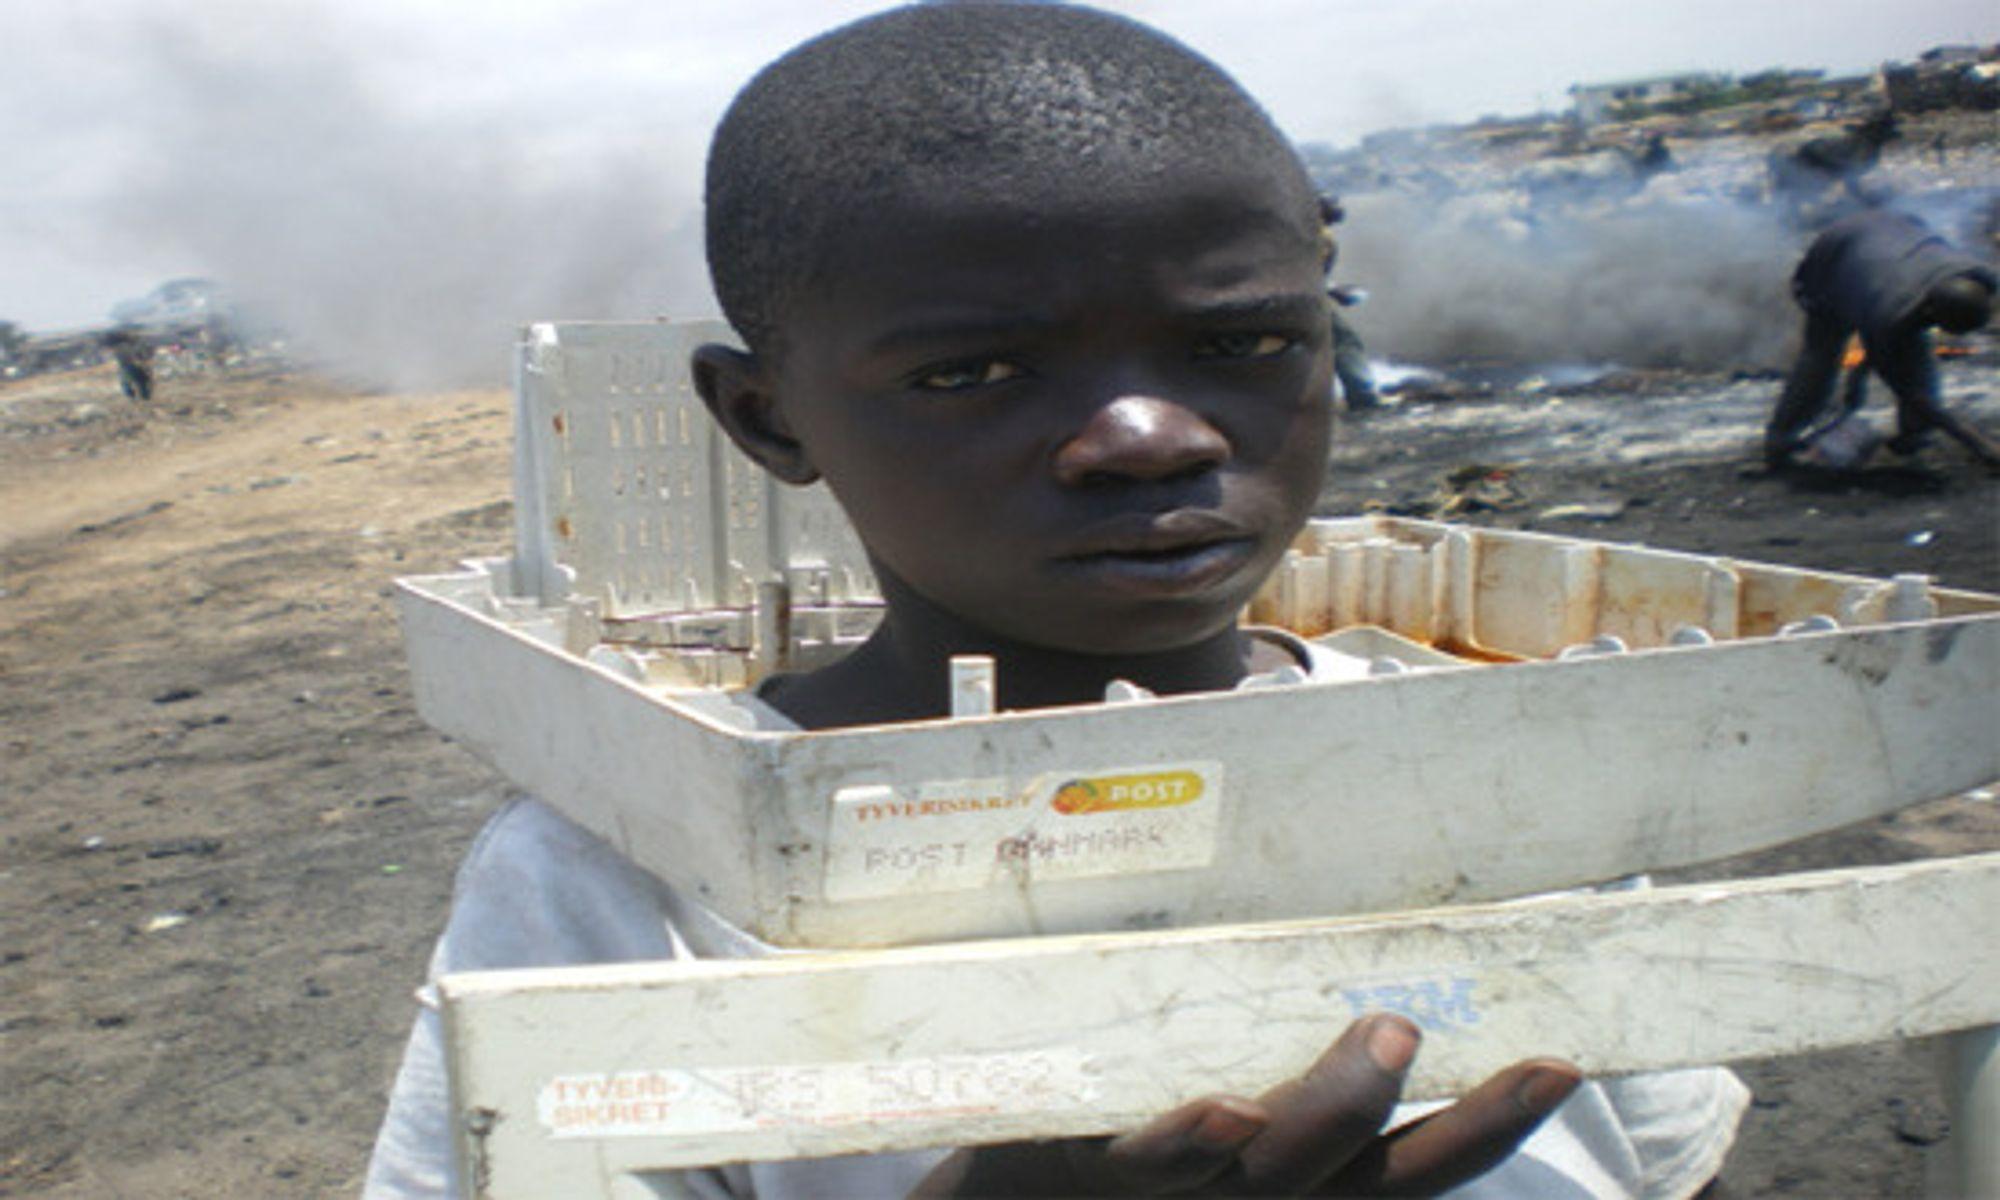 40 prosent av dem som arbeider med avfallet, er barn.